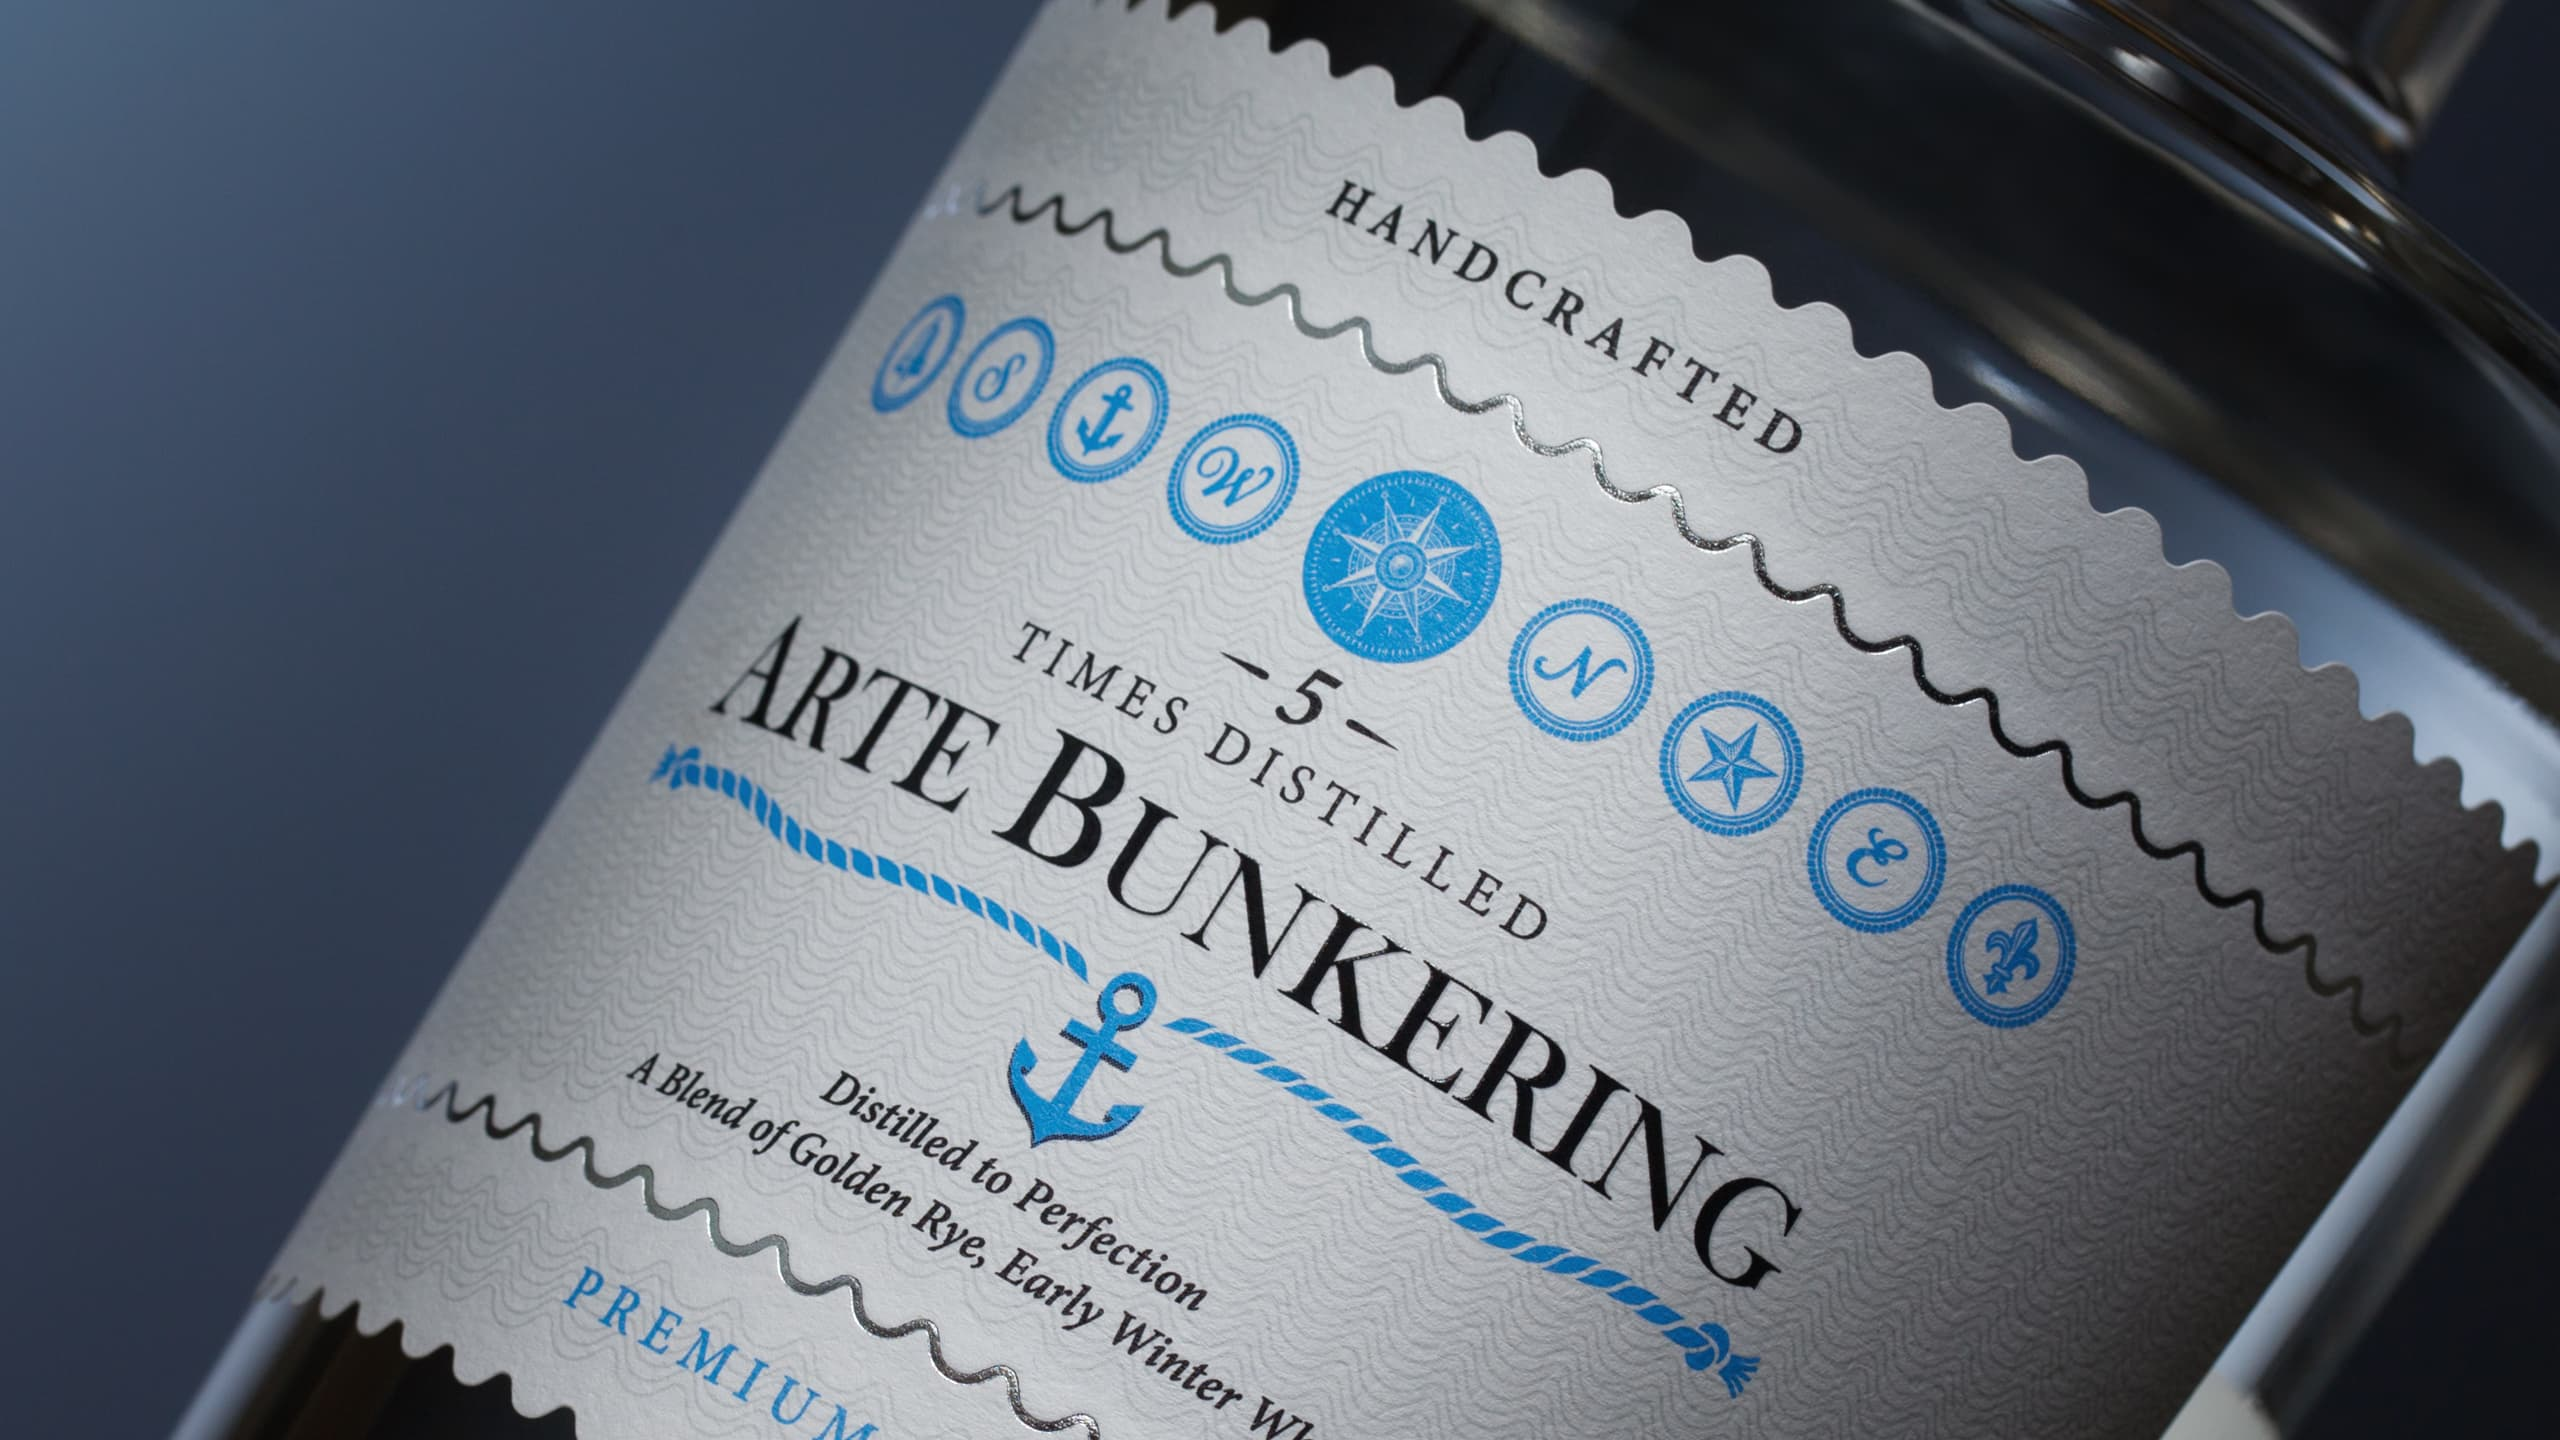 Arte Bunkering packaging